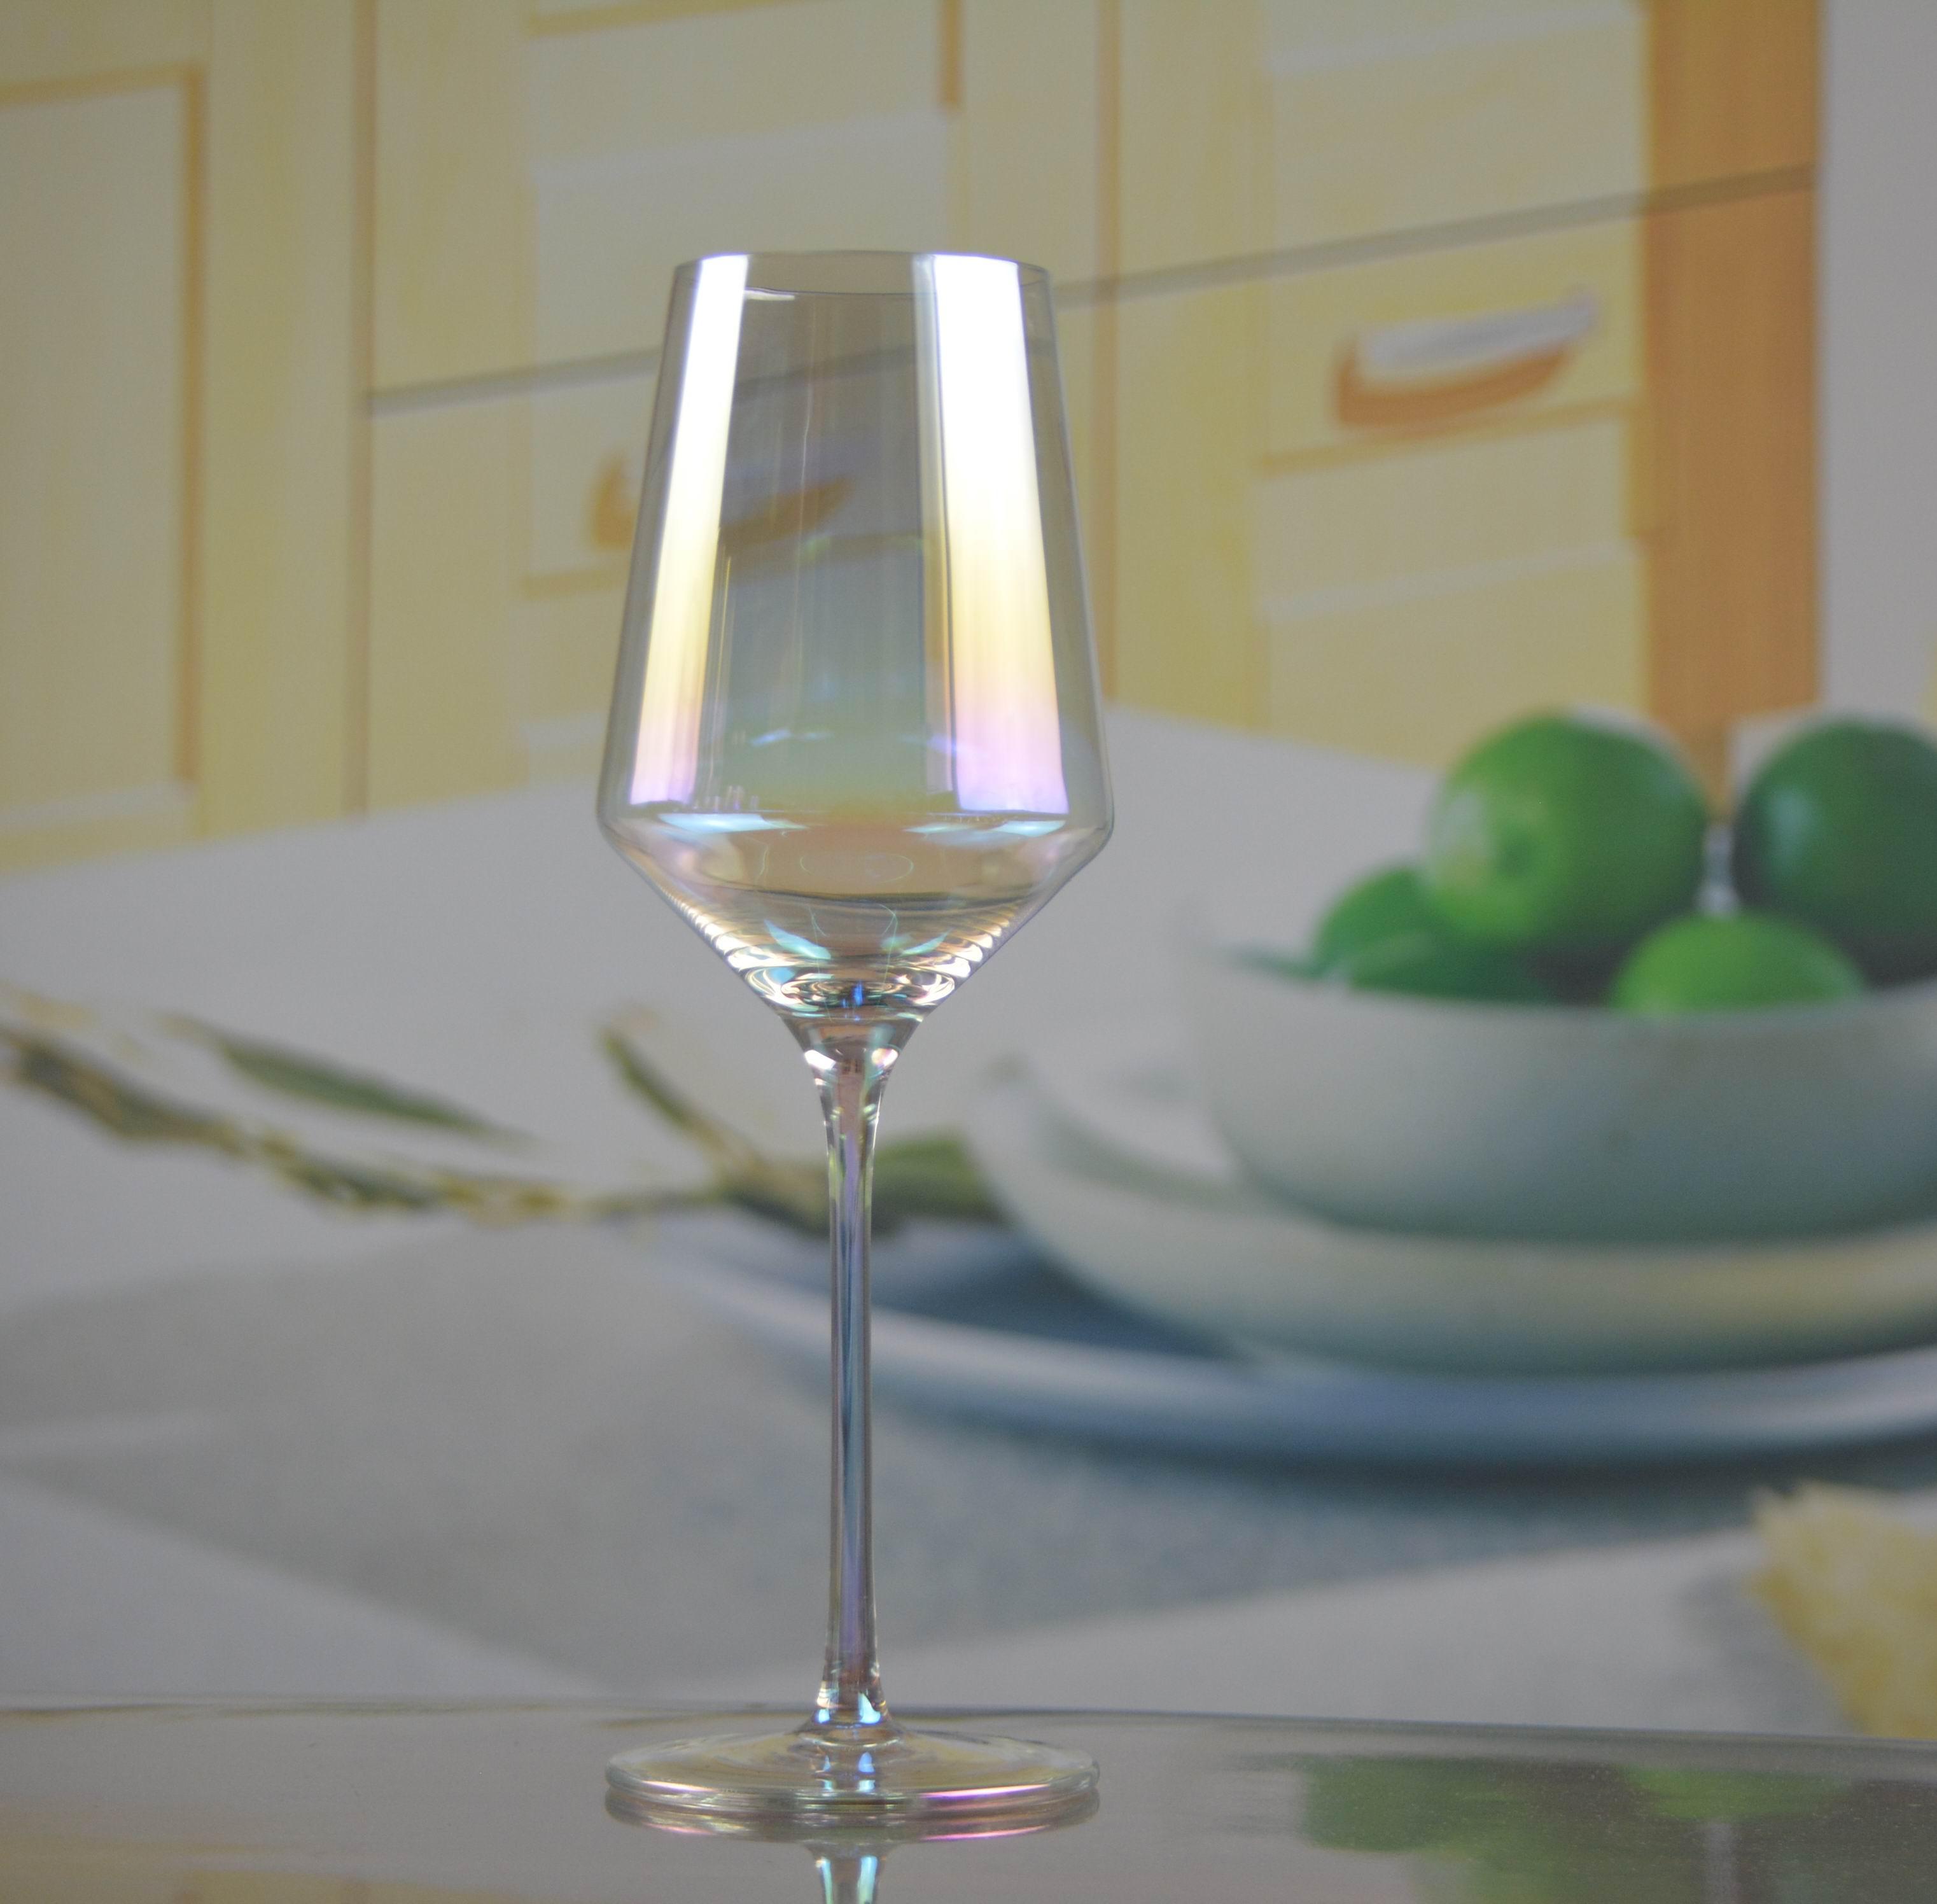 玻璃酒杯定制_常用家用玻璃制品定制-西安大西家居用品有限a片在线观看